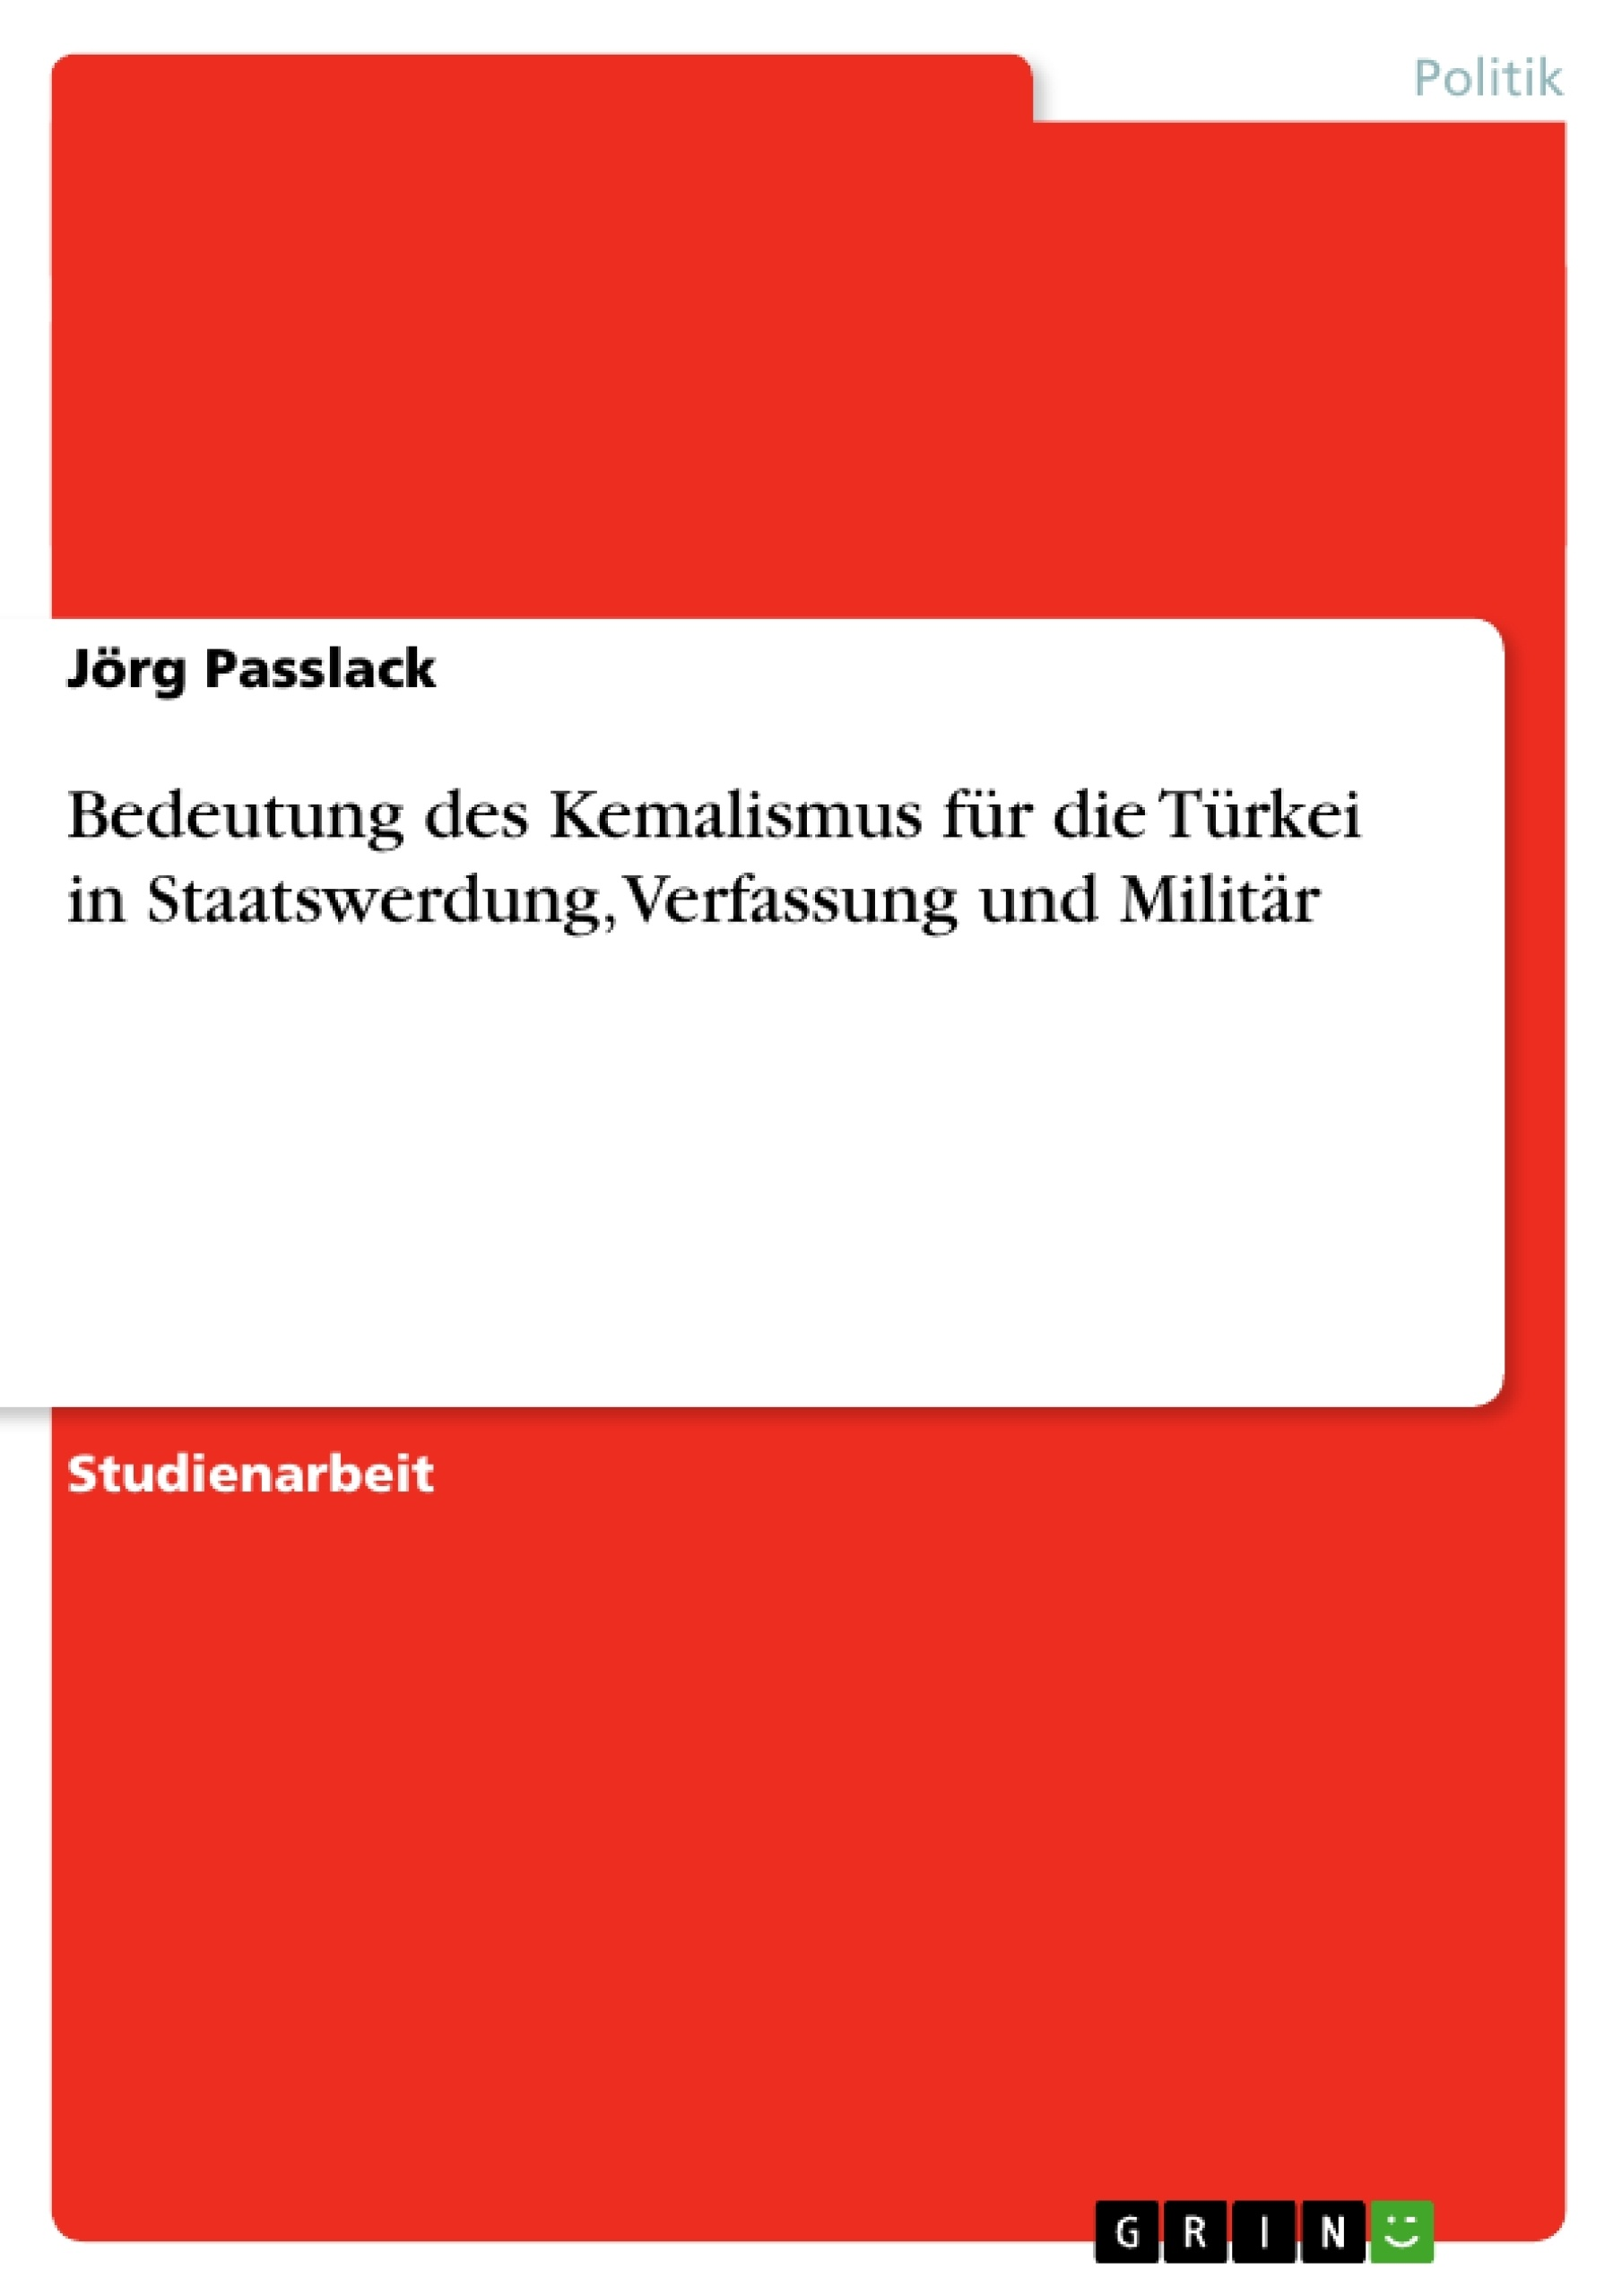 Titel: Bedeutung des Kemalismus für die Türkei in Staatswerdung, Verfassung und Militär